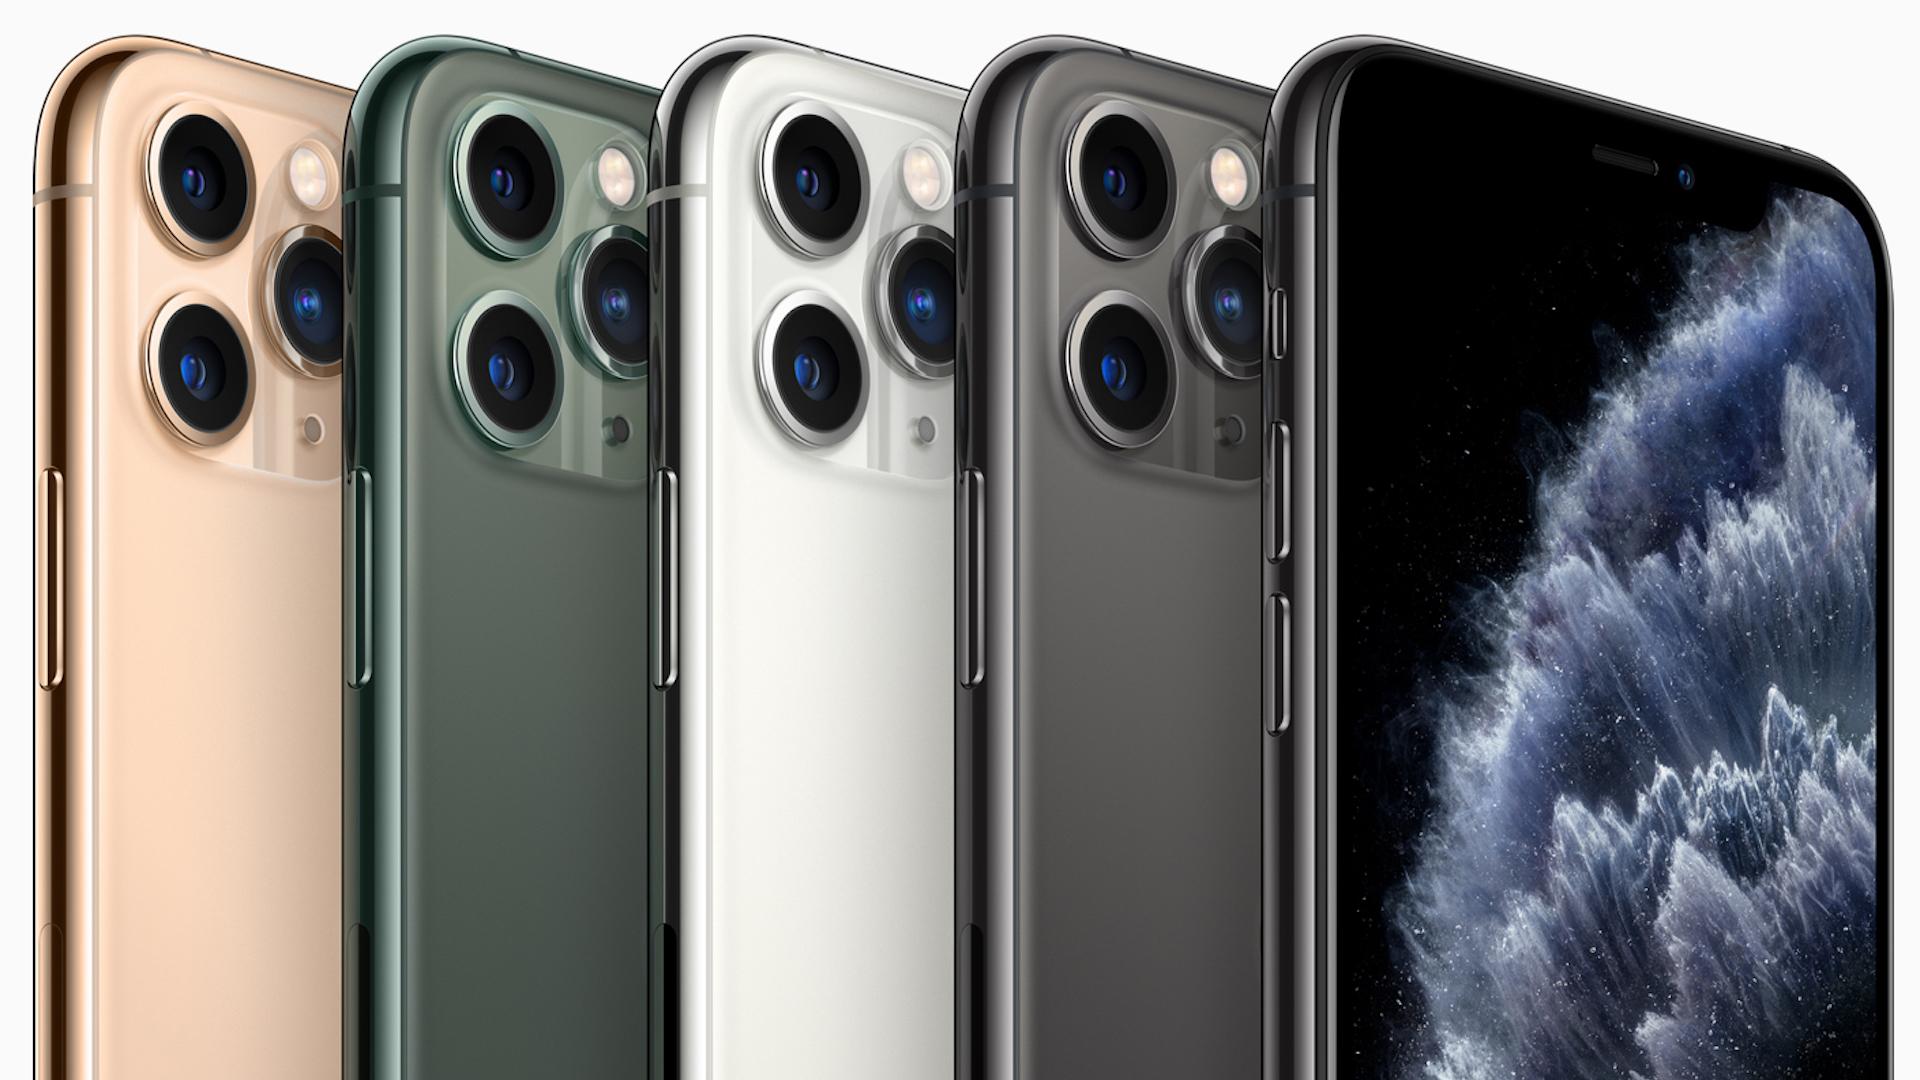 CRÍTICA Apple lanzó el horrendo iPhone 11, pero puede ser una buena señal